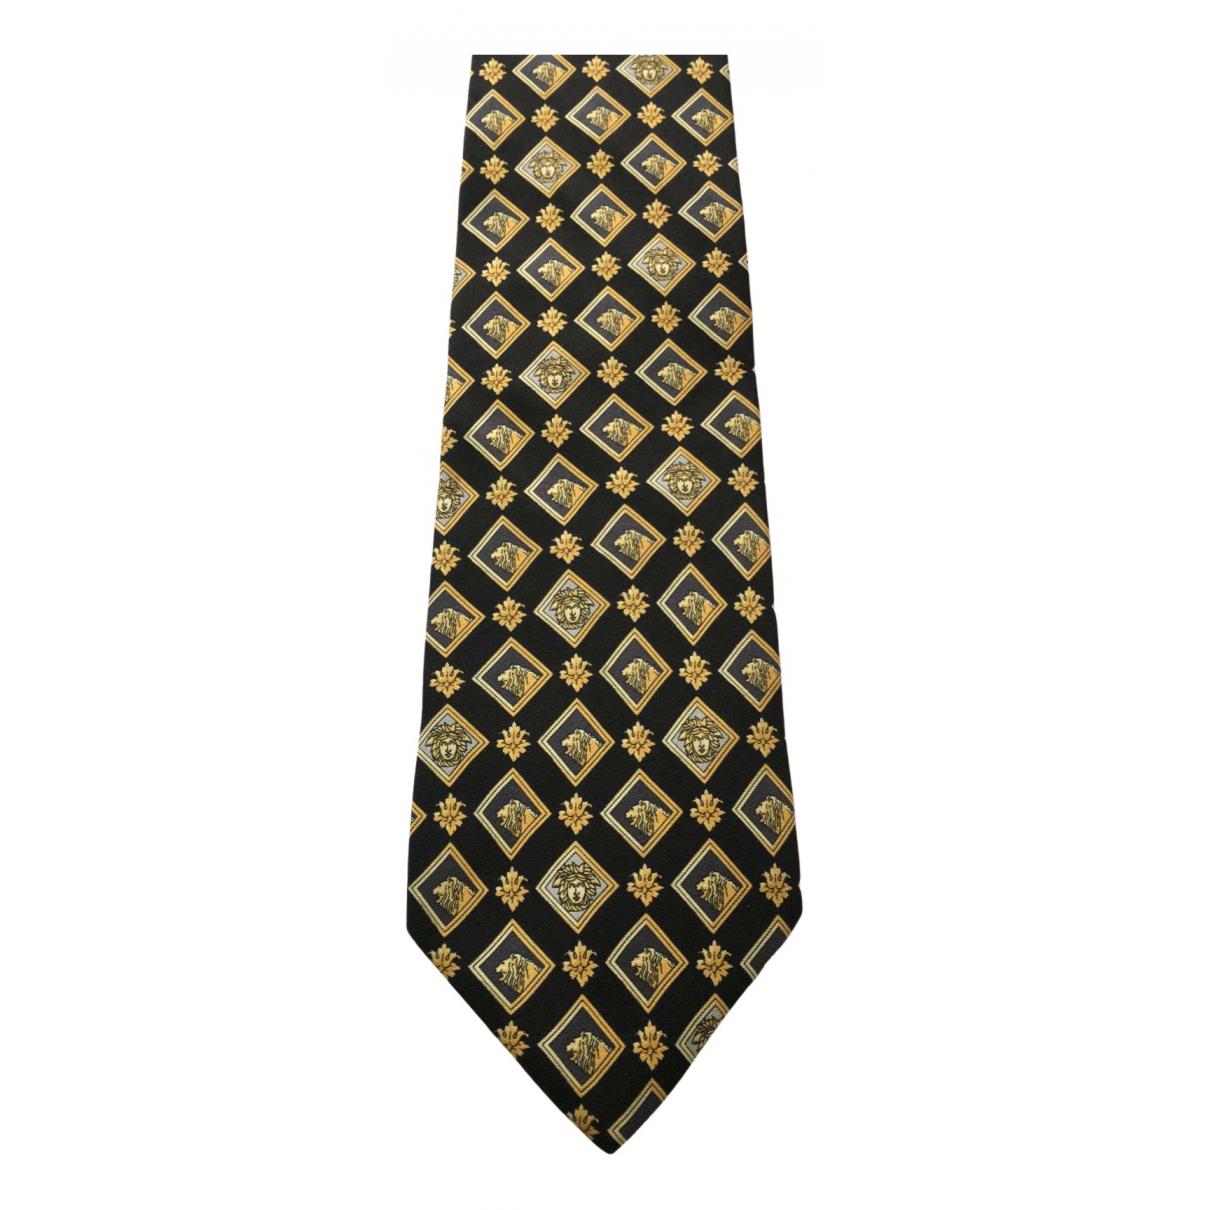 Gianni Versace N Black Silk Ties for Men N